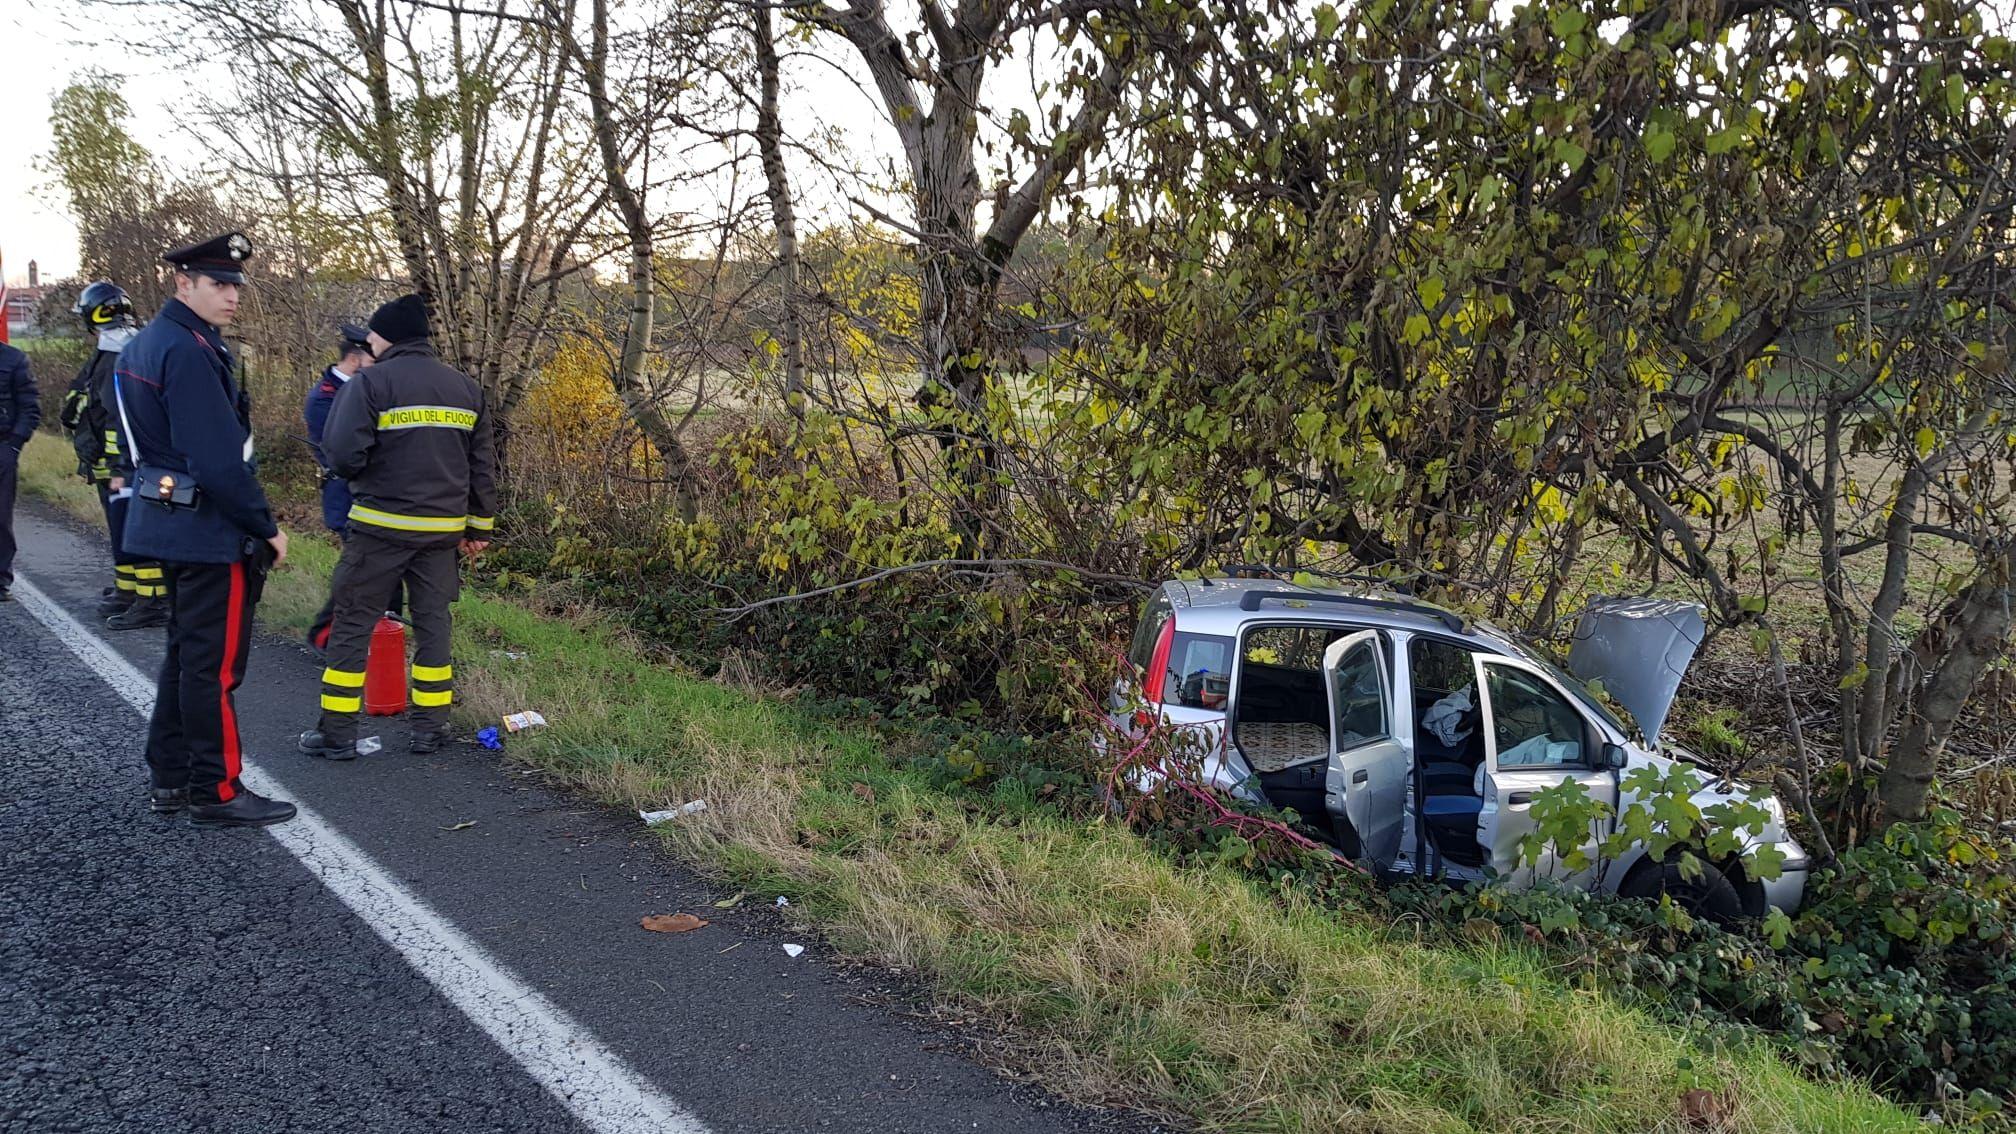 VALPERGA-SALASSA - Incidente sulla 460: 86enne perde il controllo della vettura e si schianta fuori strada - FOTO e VIDEO